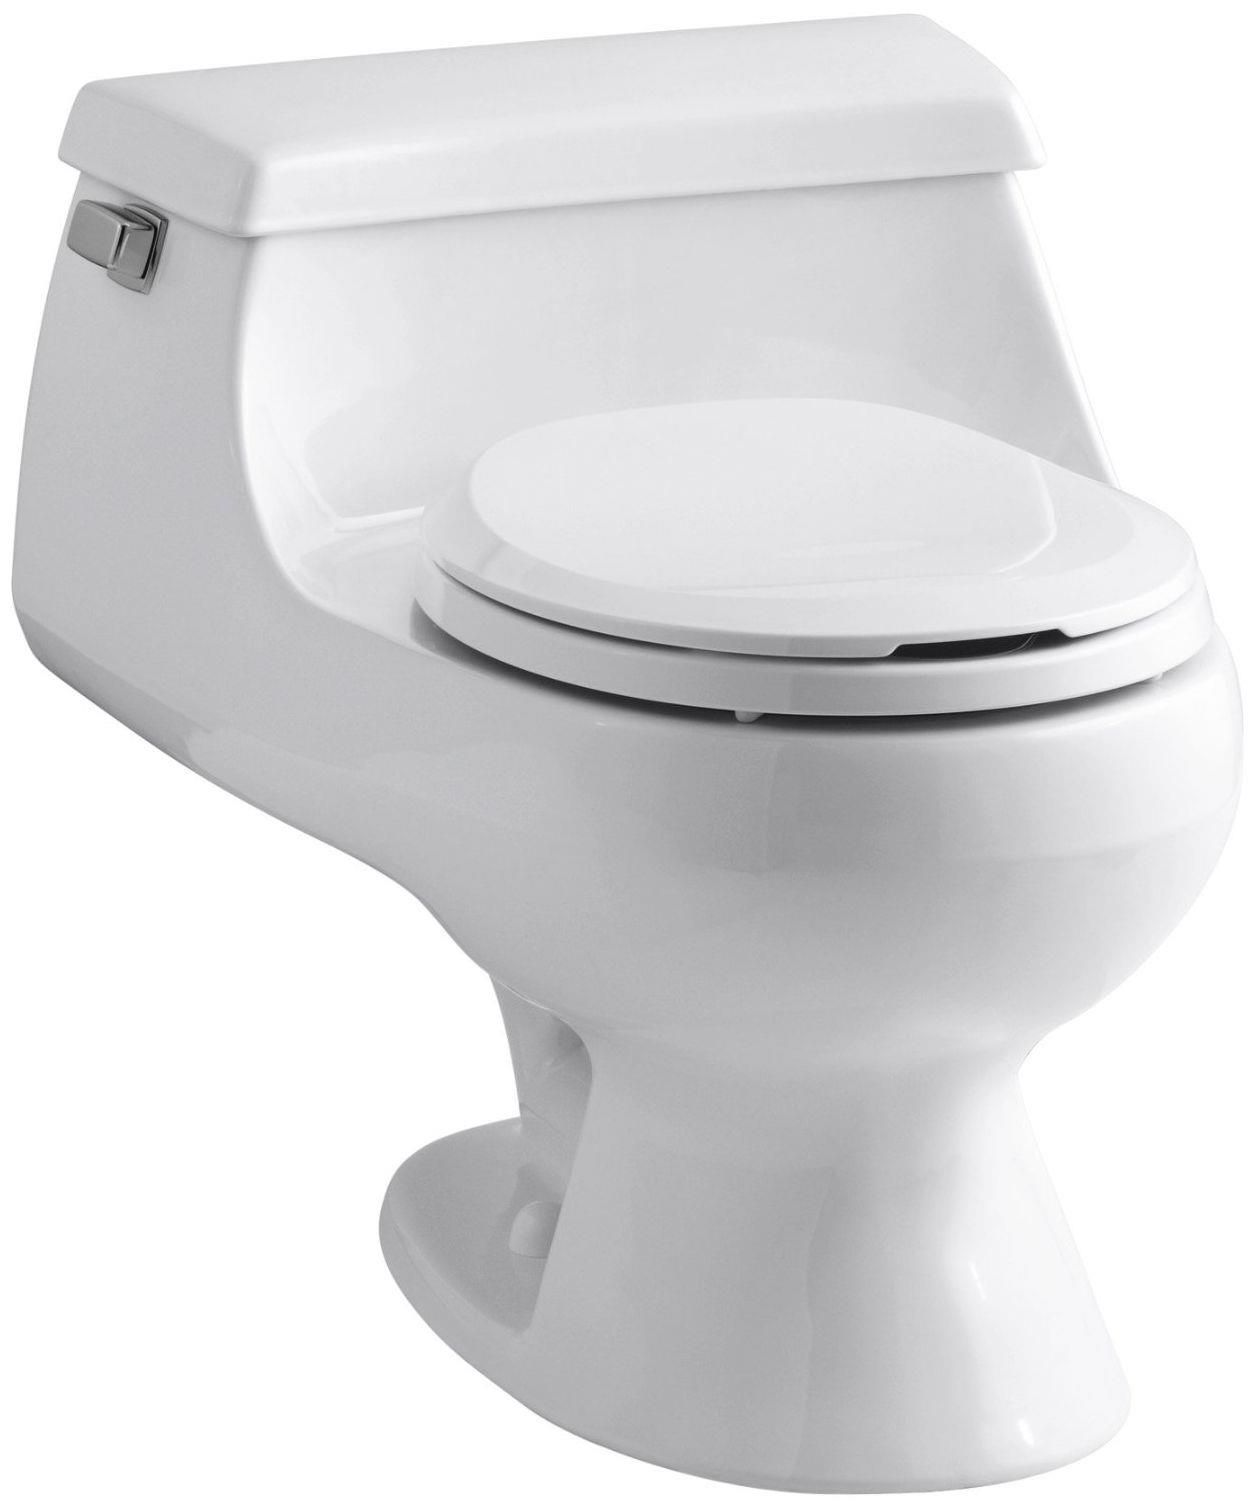 Kohler K 3386 0 Rialto One Piece Round Front Toilet With